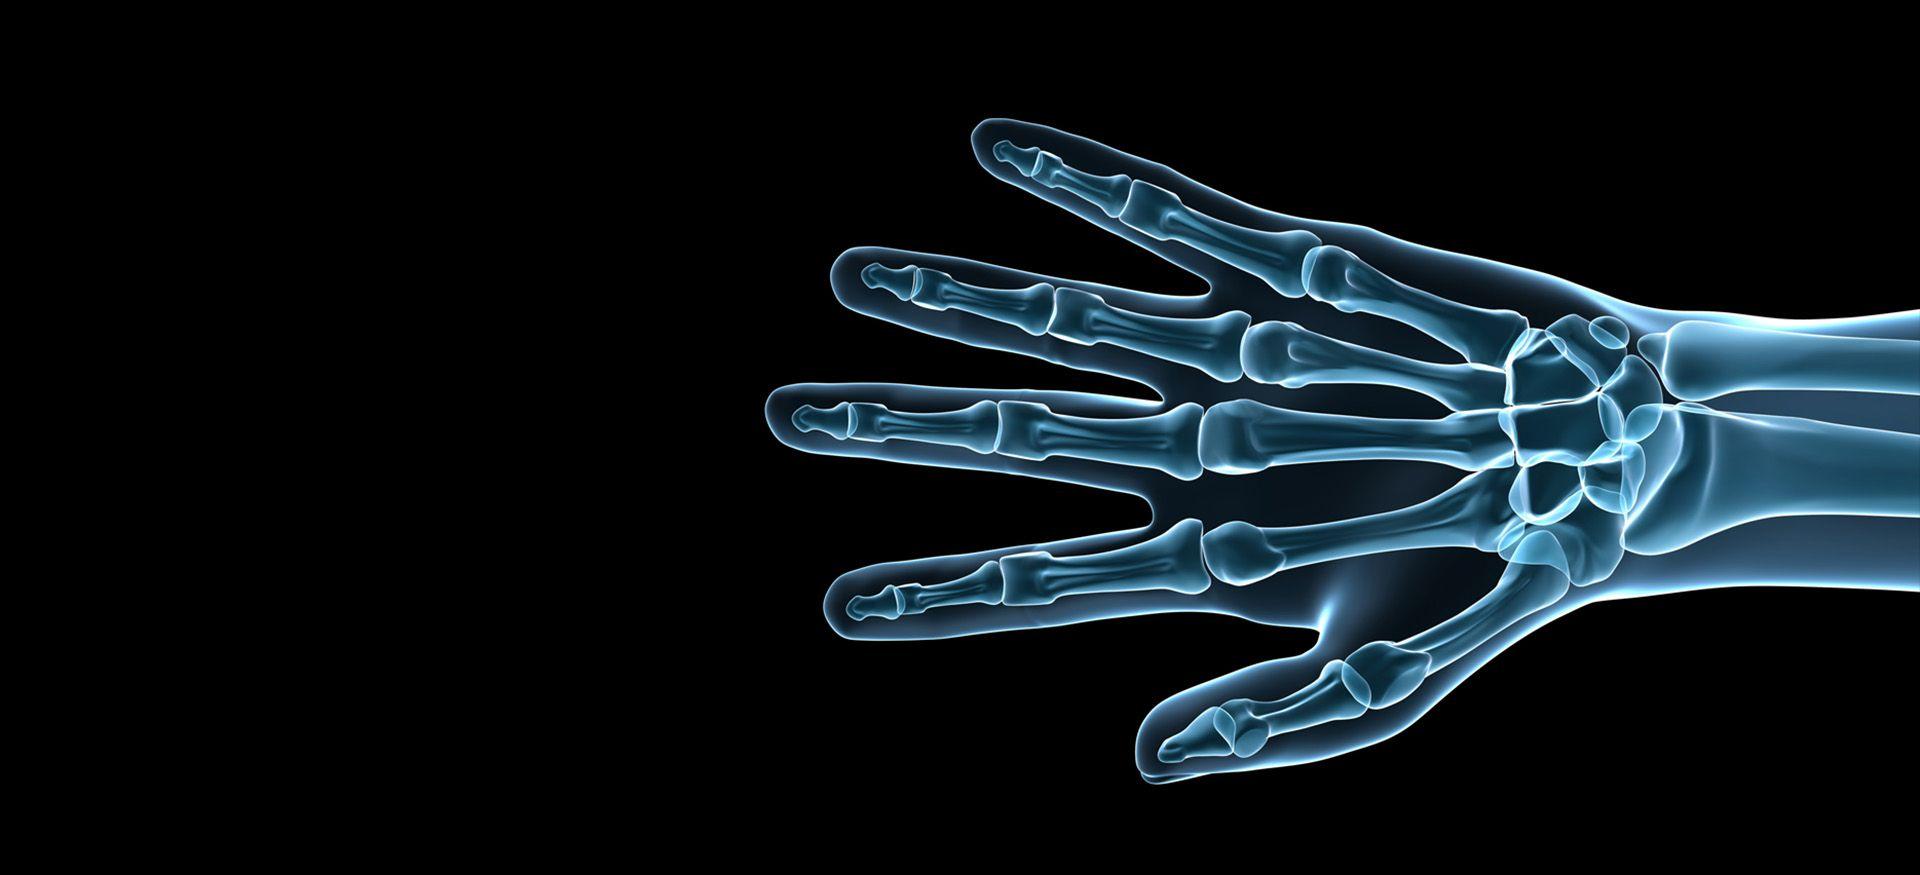 Implantes y sistemas de implante - Cirugía de la mano